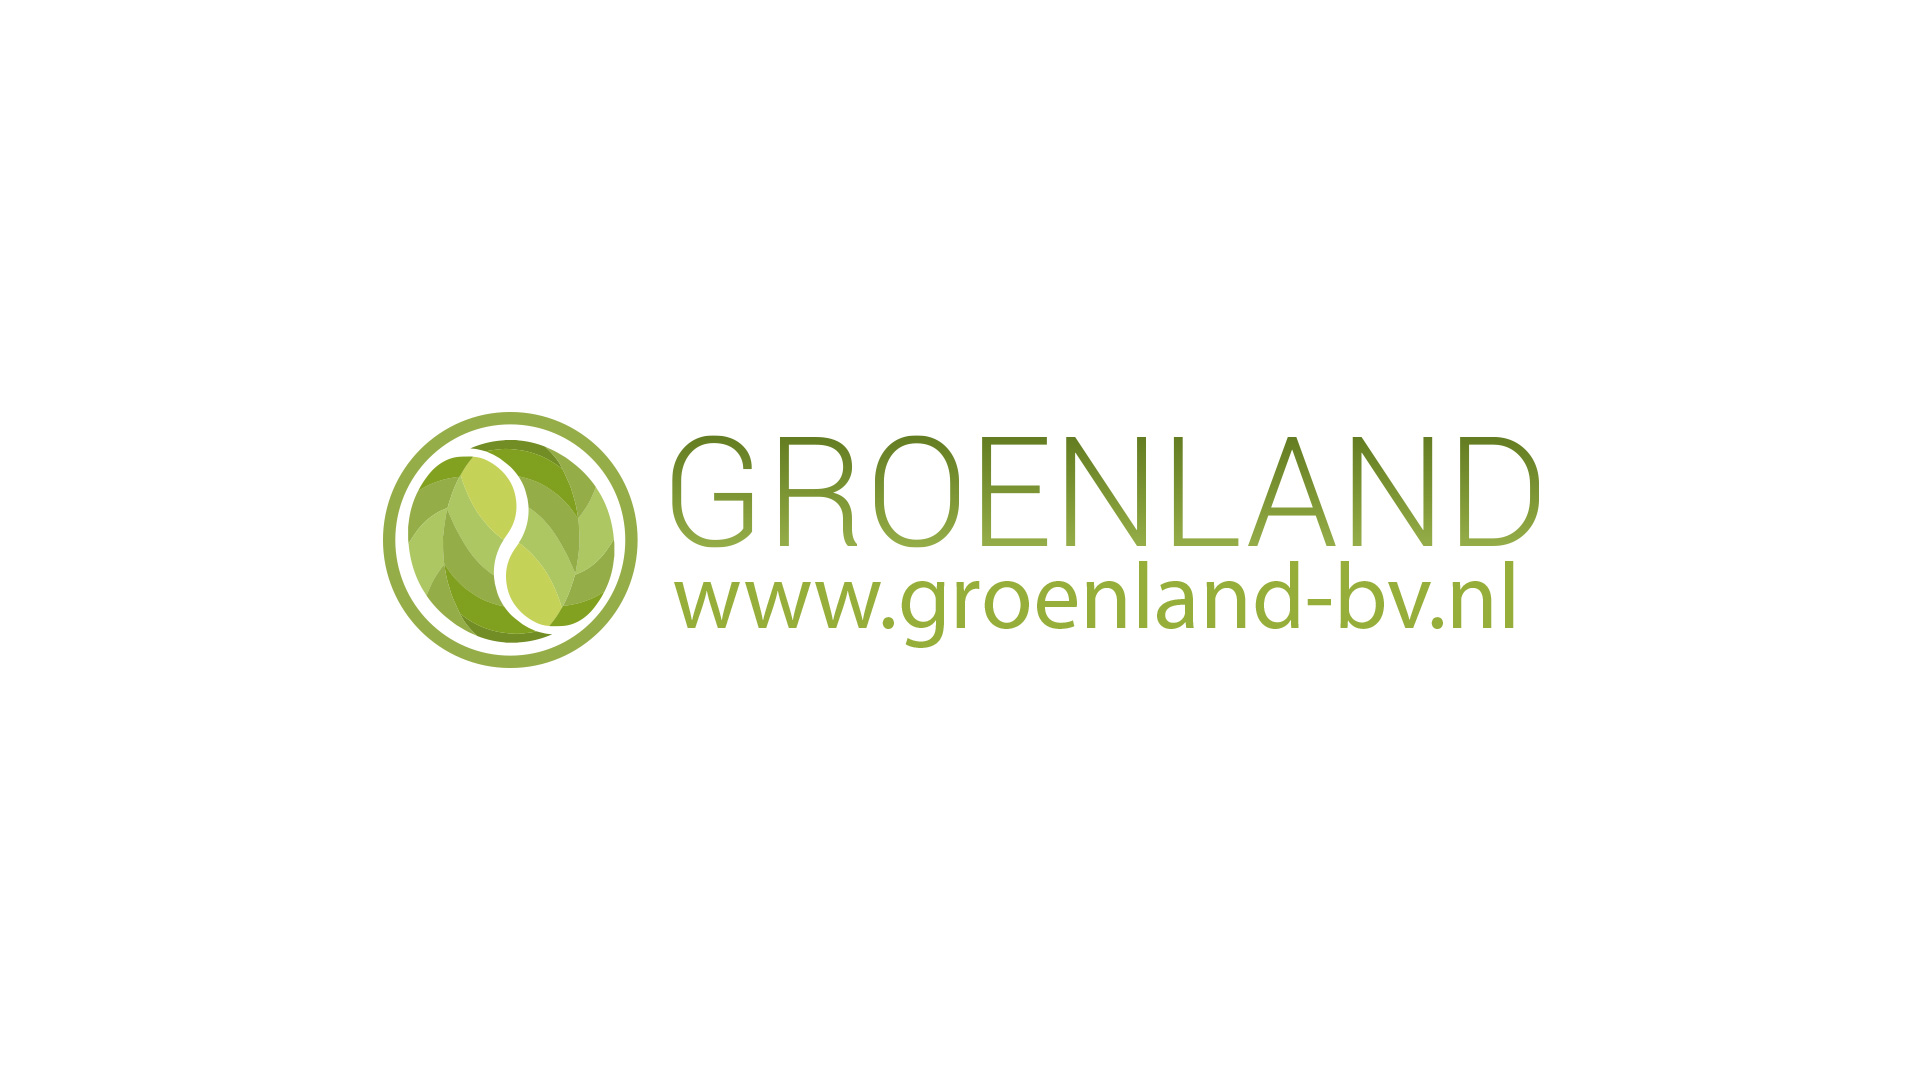 Groenland BV